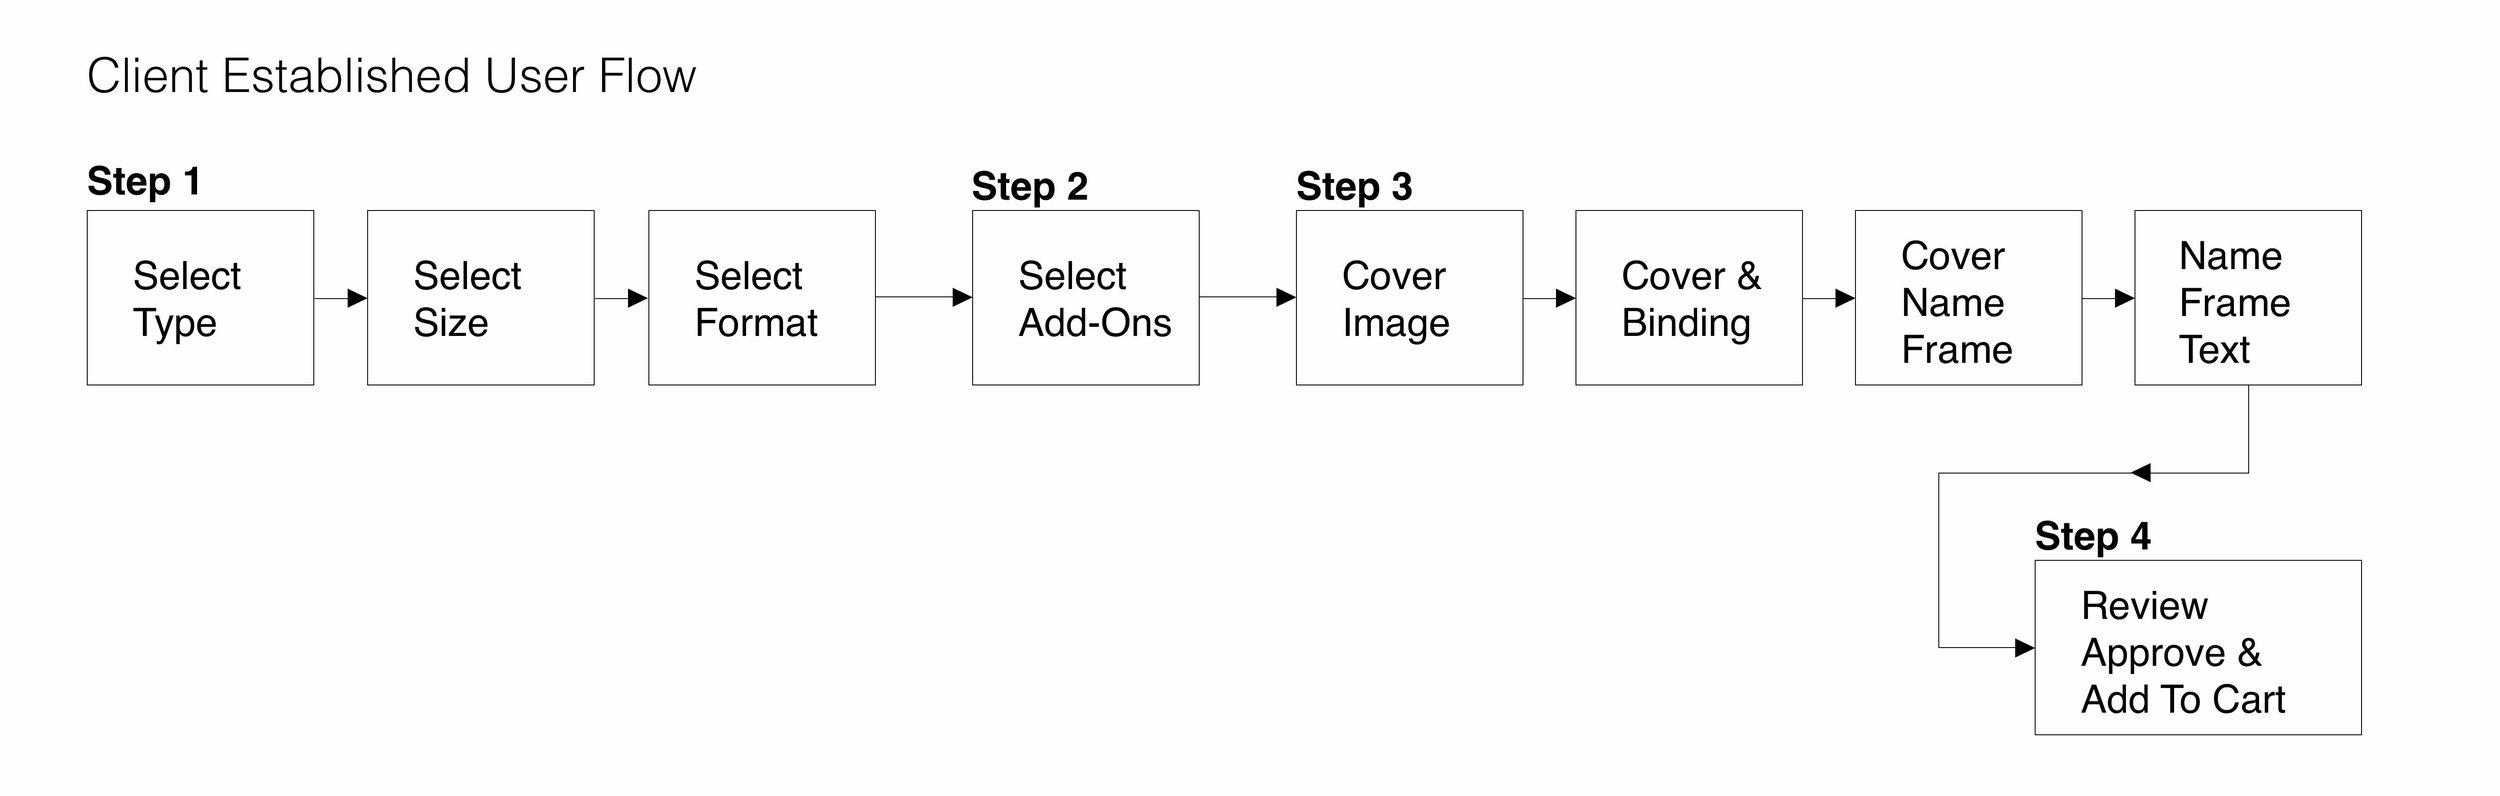 Client-Established-User-Flow_compressed.jpg